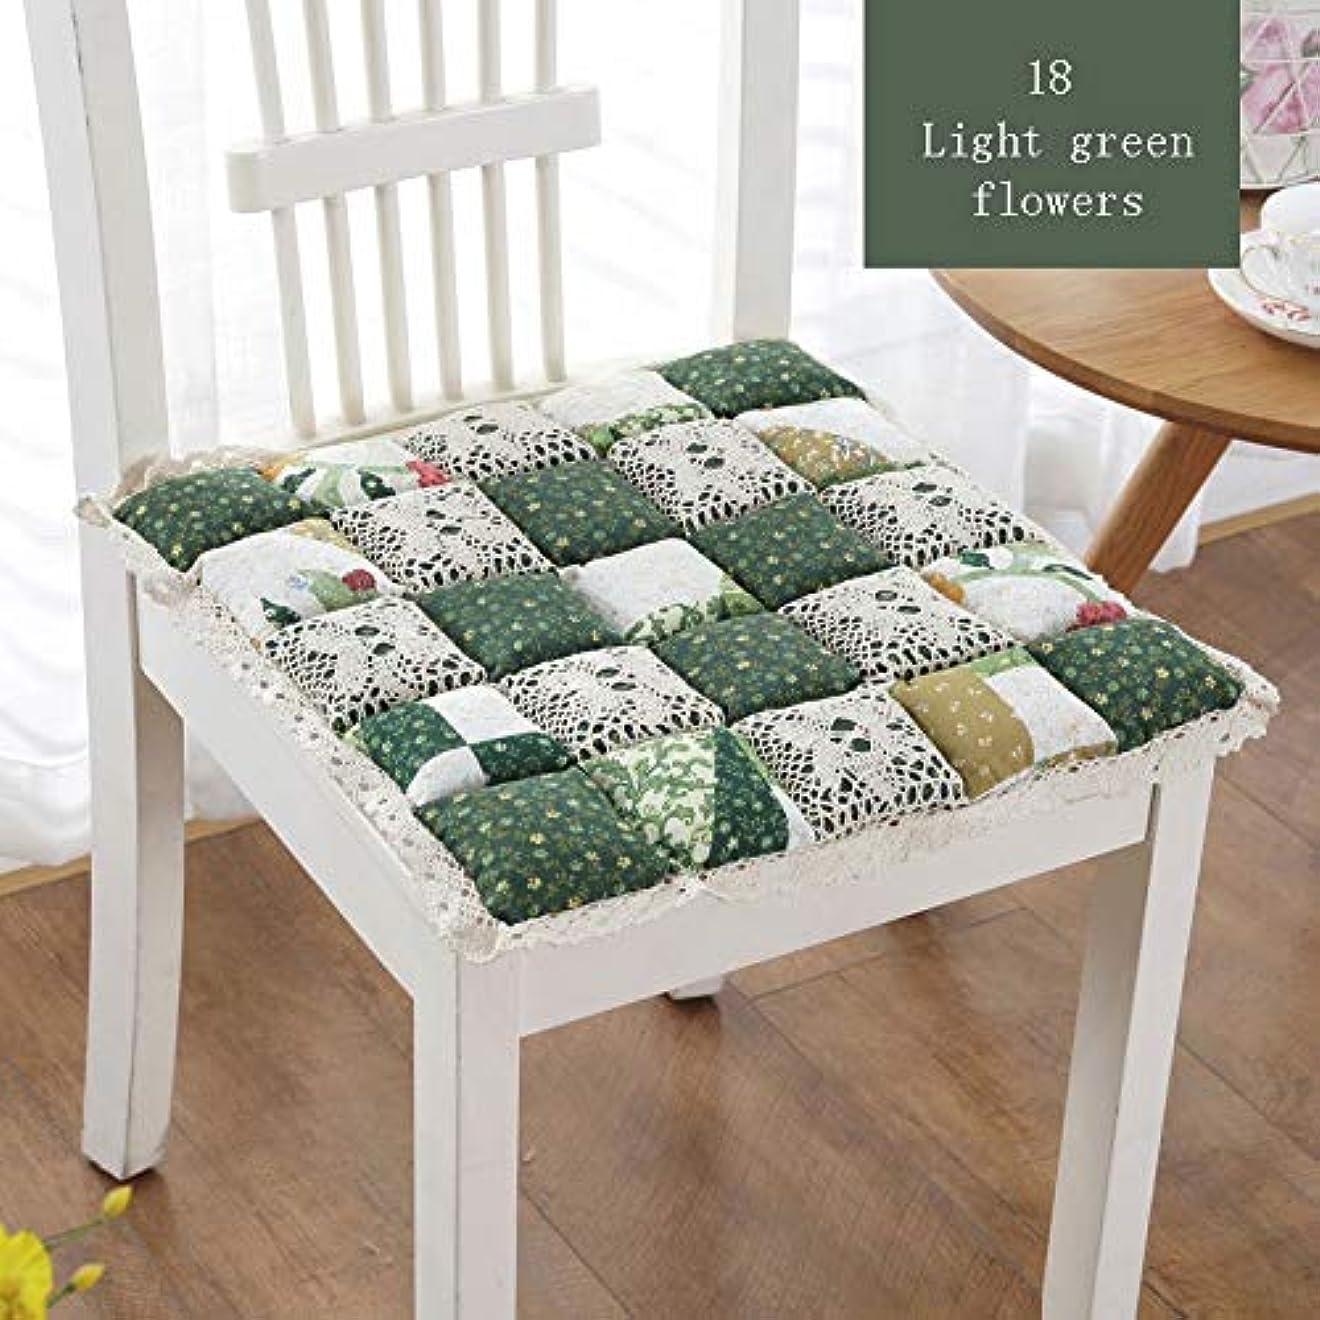 準備した単調なホールLIFE 1 個抗褥瘡綿椅子クッション 24 色ファッションオフィス正方形クッション学生チェアクッション家の装飾厚み クッション 椅子